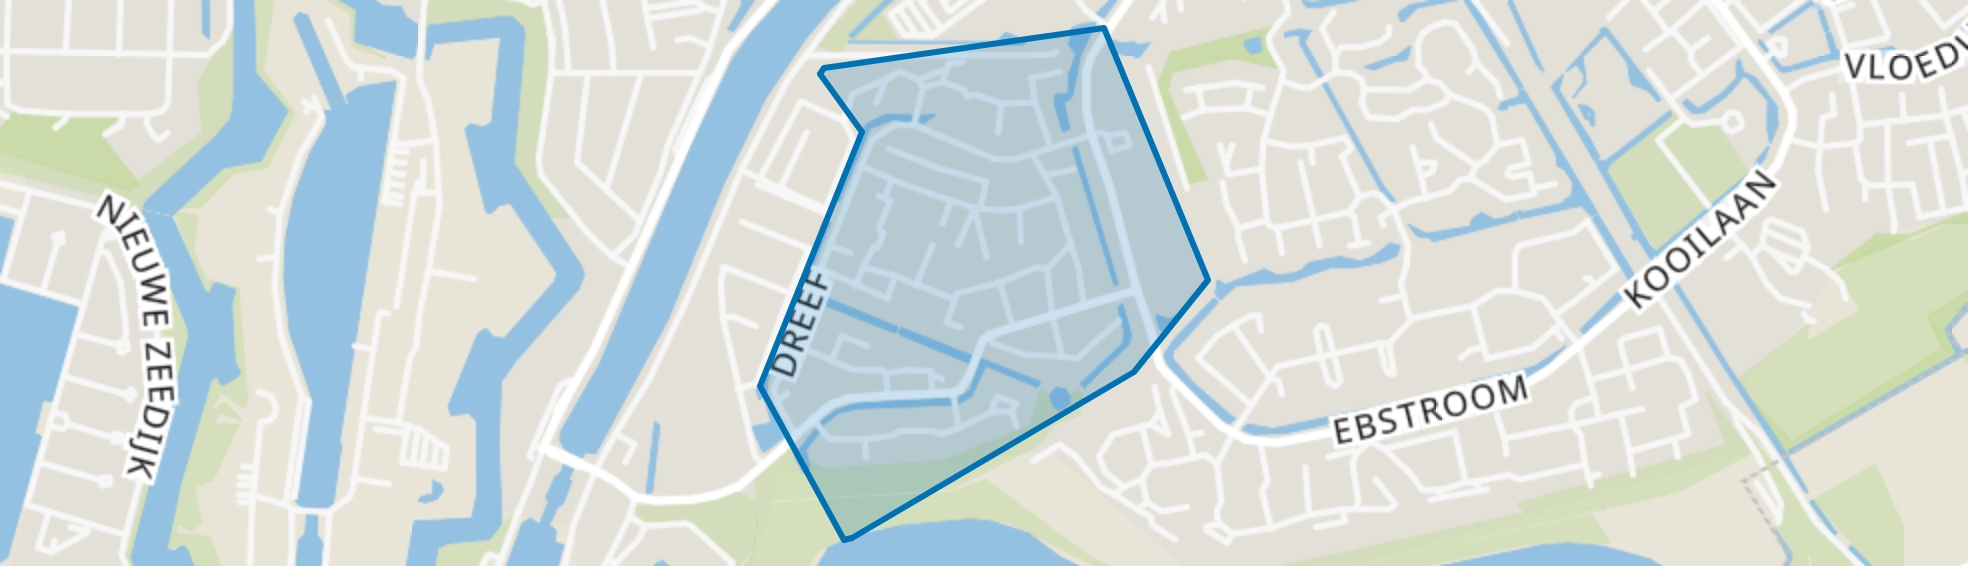 Wittens Hoeck, Hellevoetsluis map